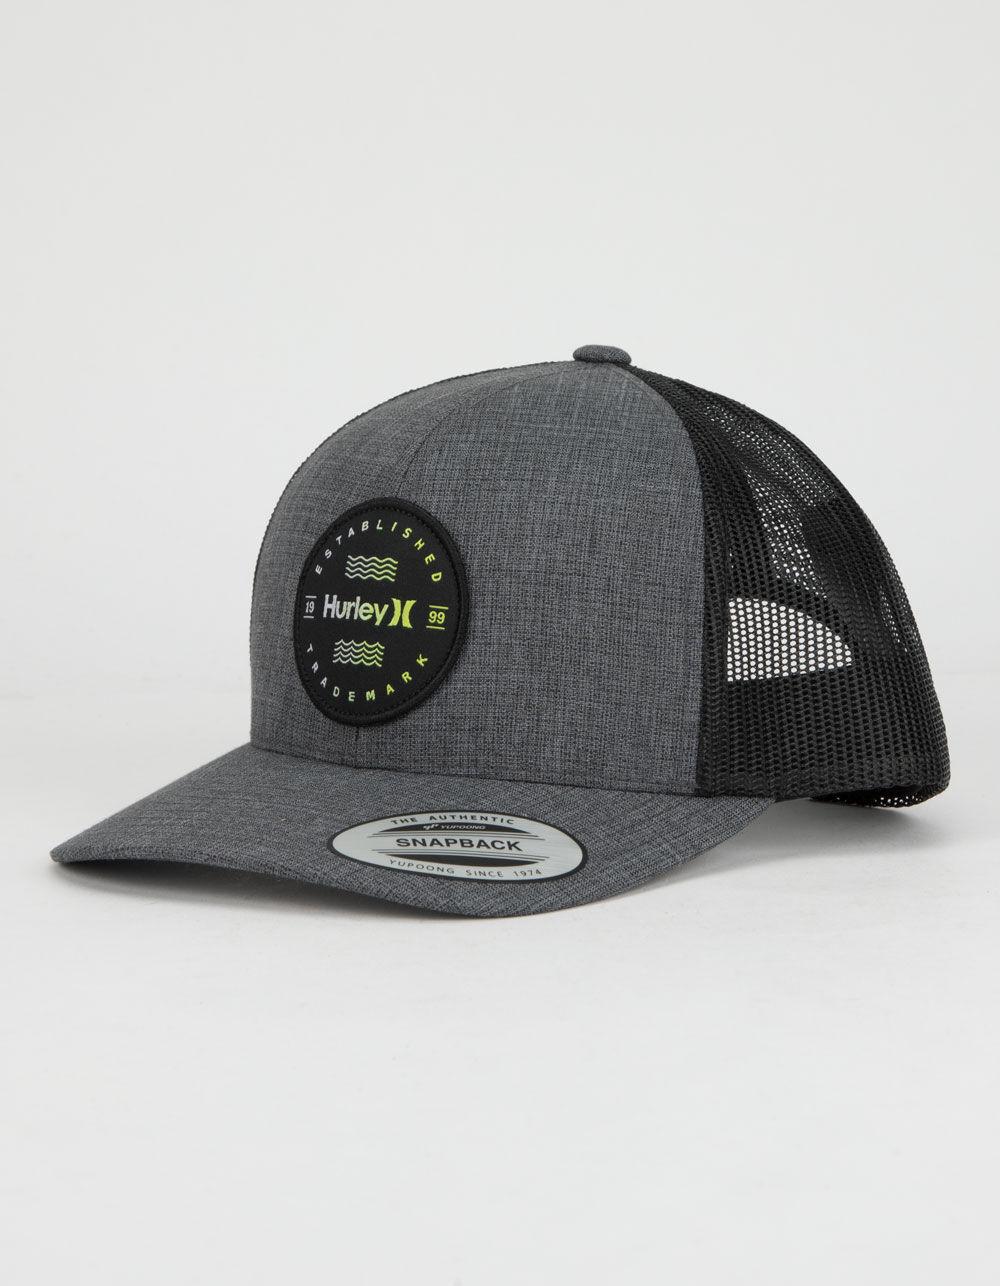 HURLEY Trademark Gray & Black Trucker Hat